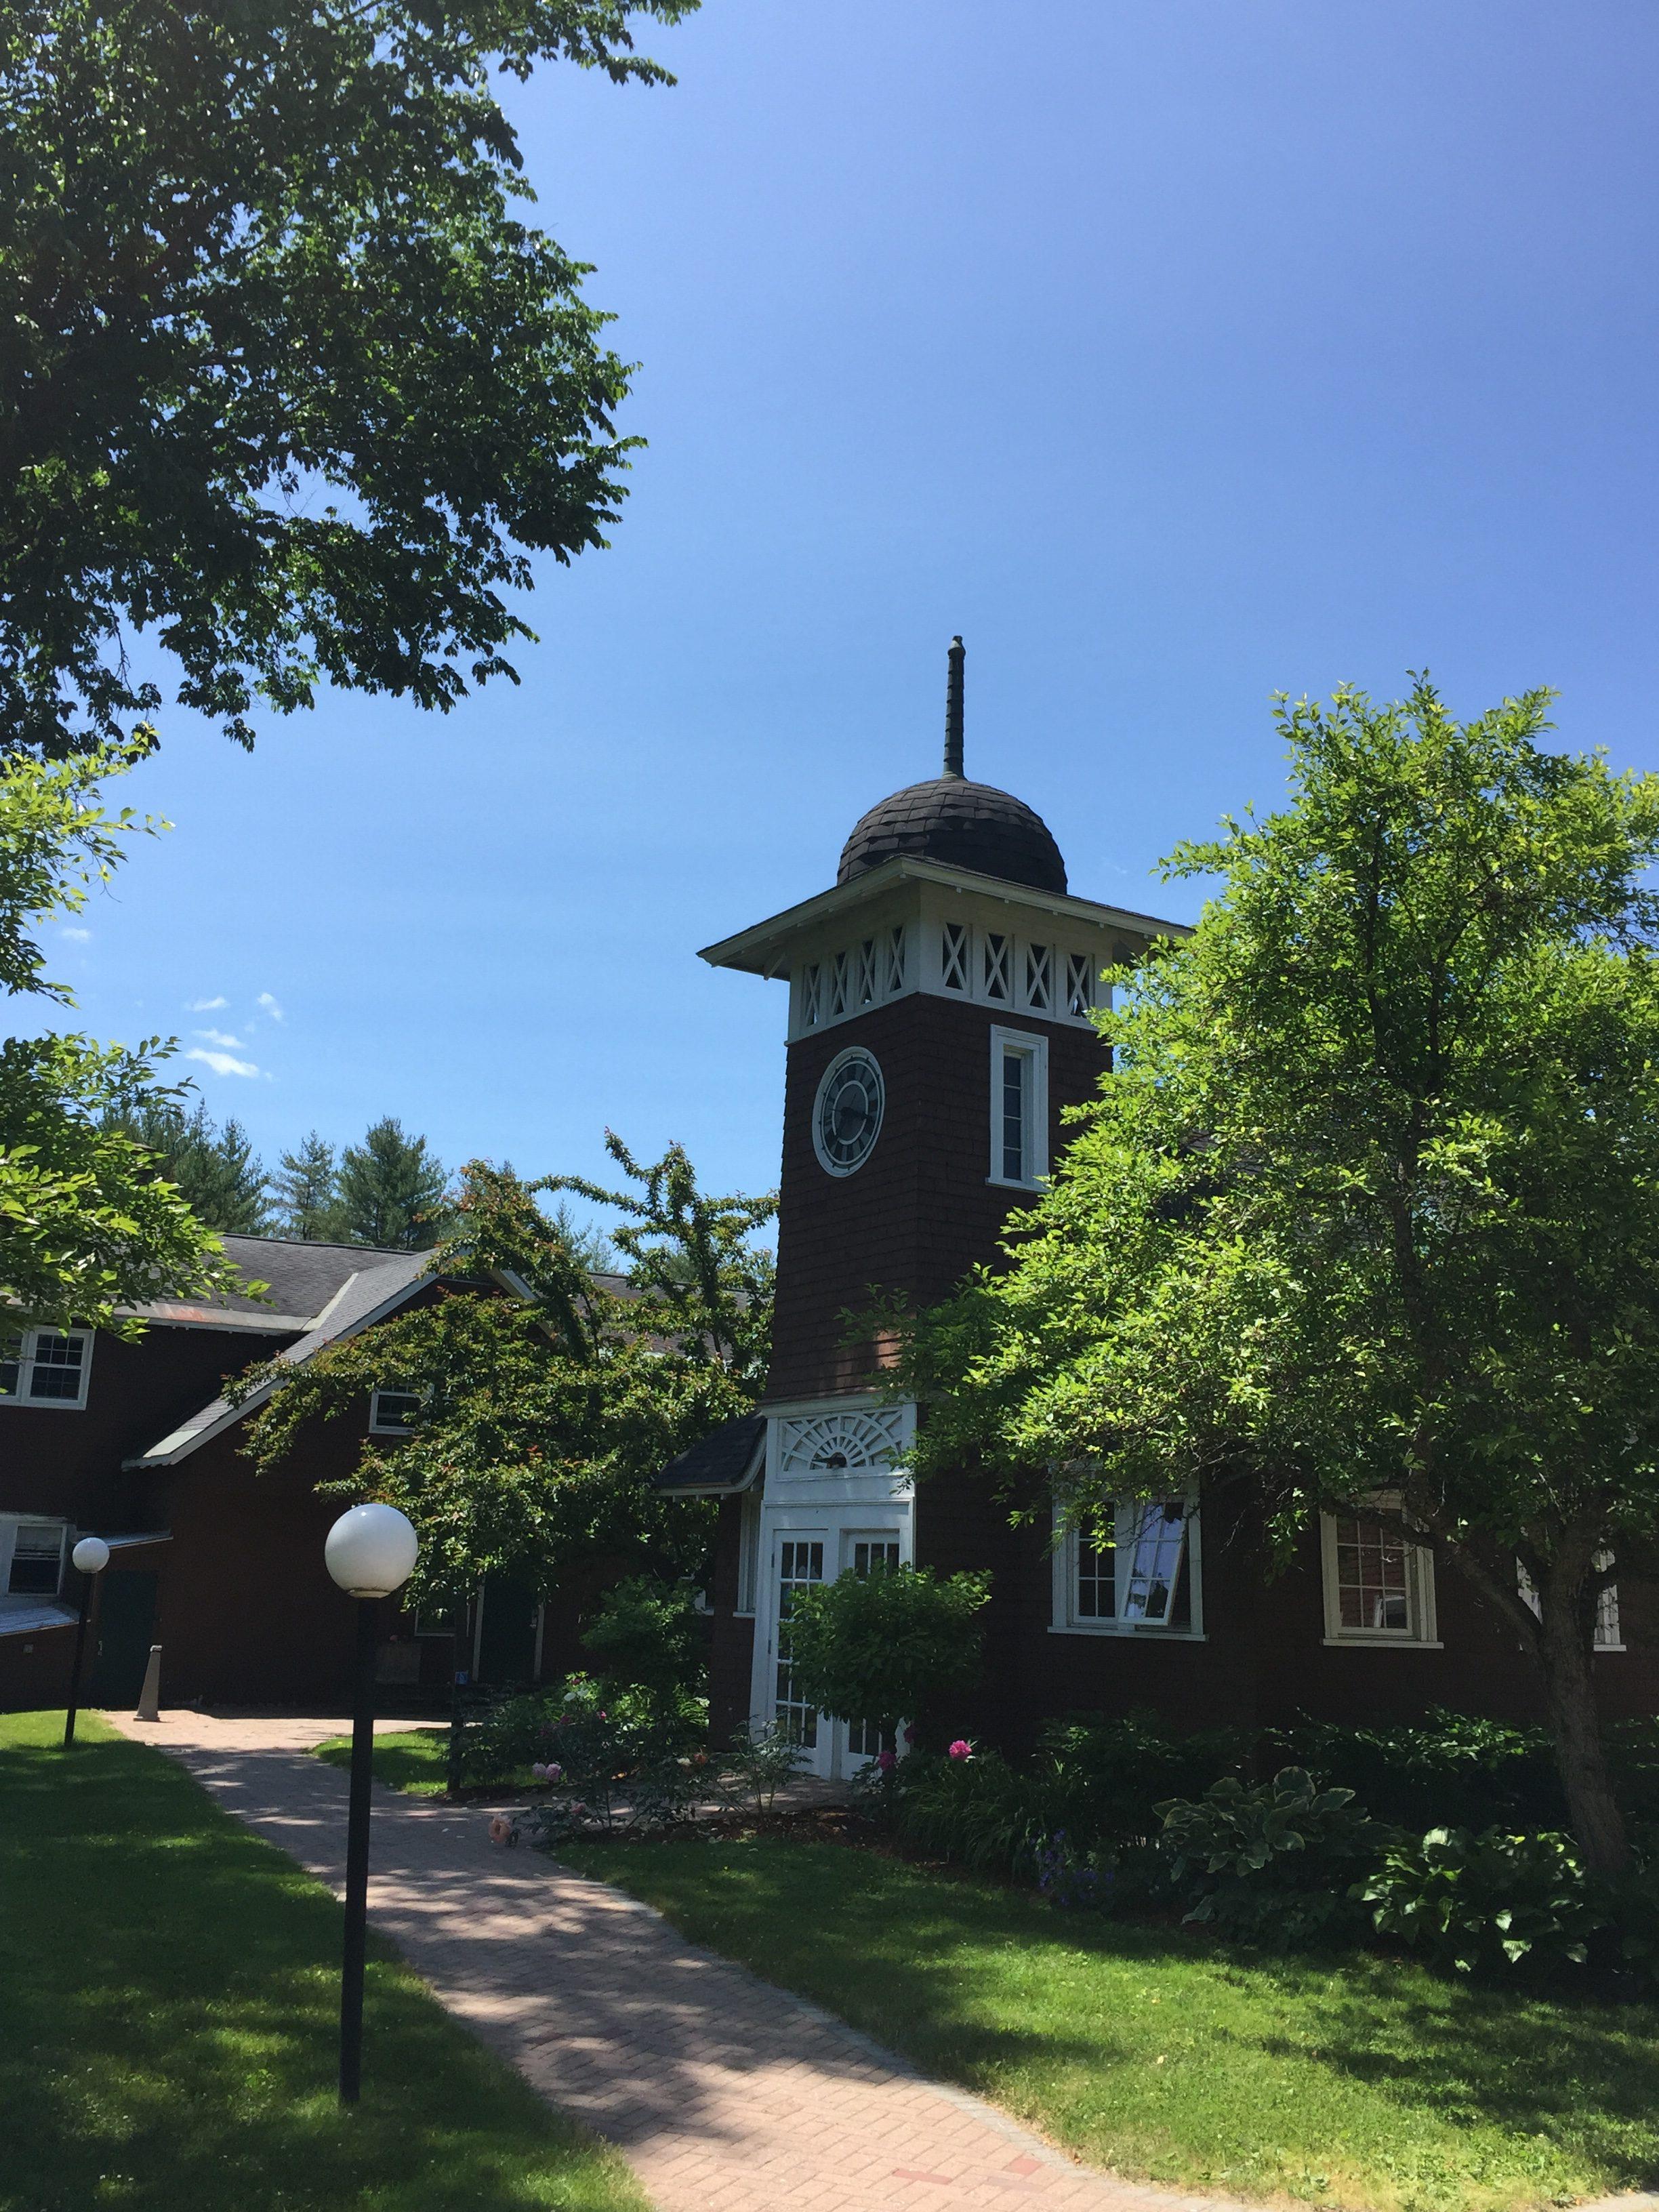 Goddard College Vermont Campus in July